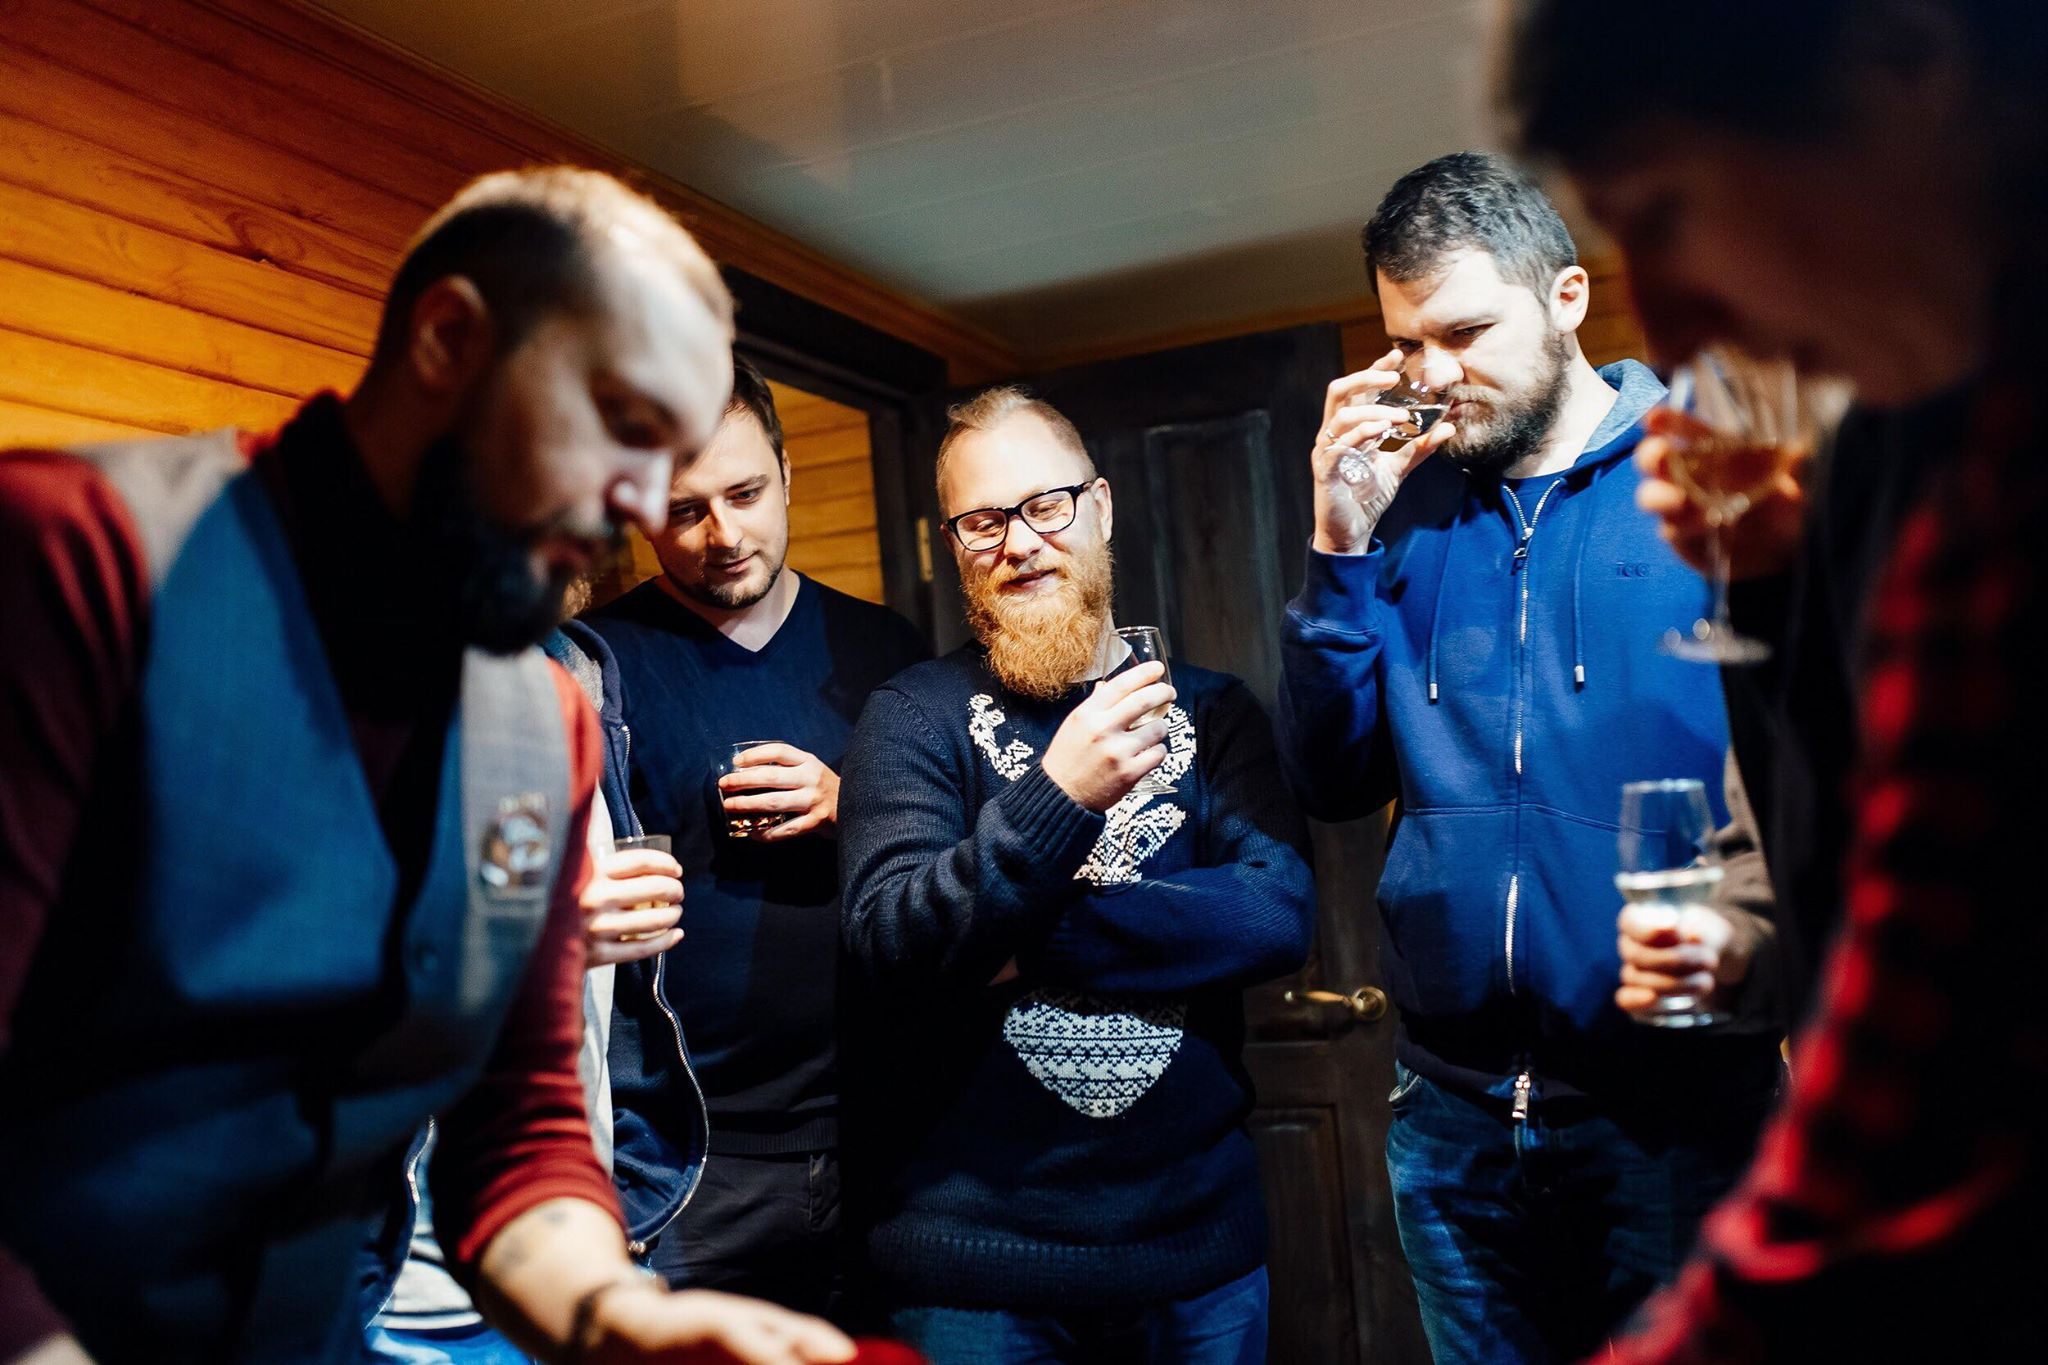 Сомелье (выездная дегустация вин)